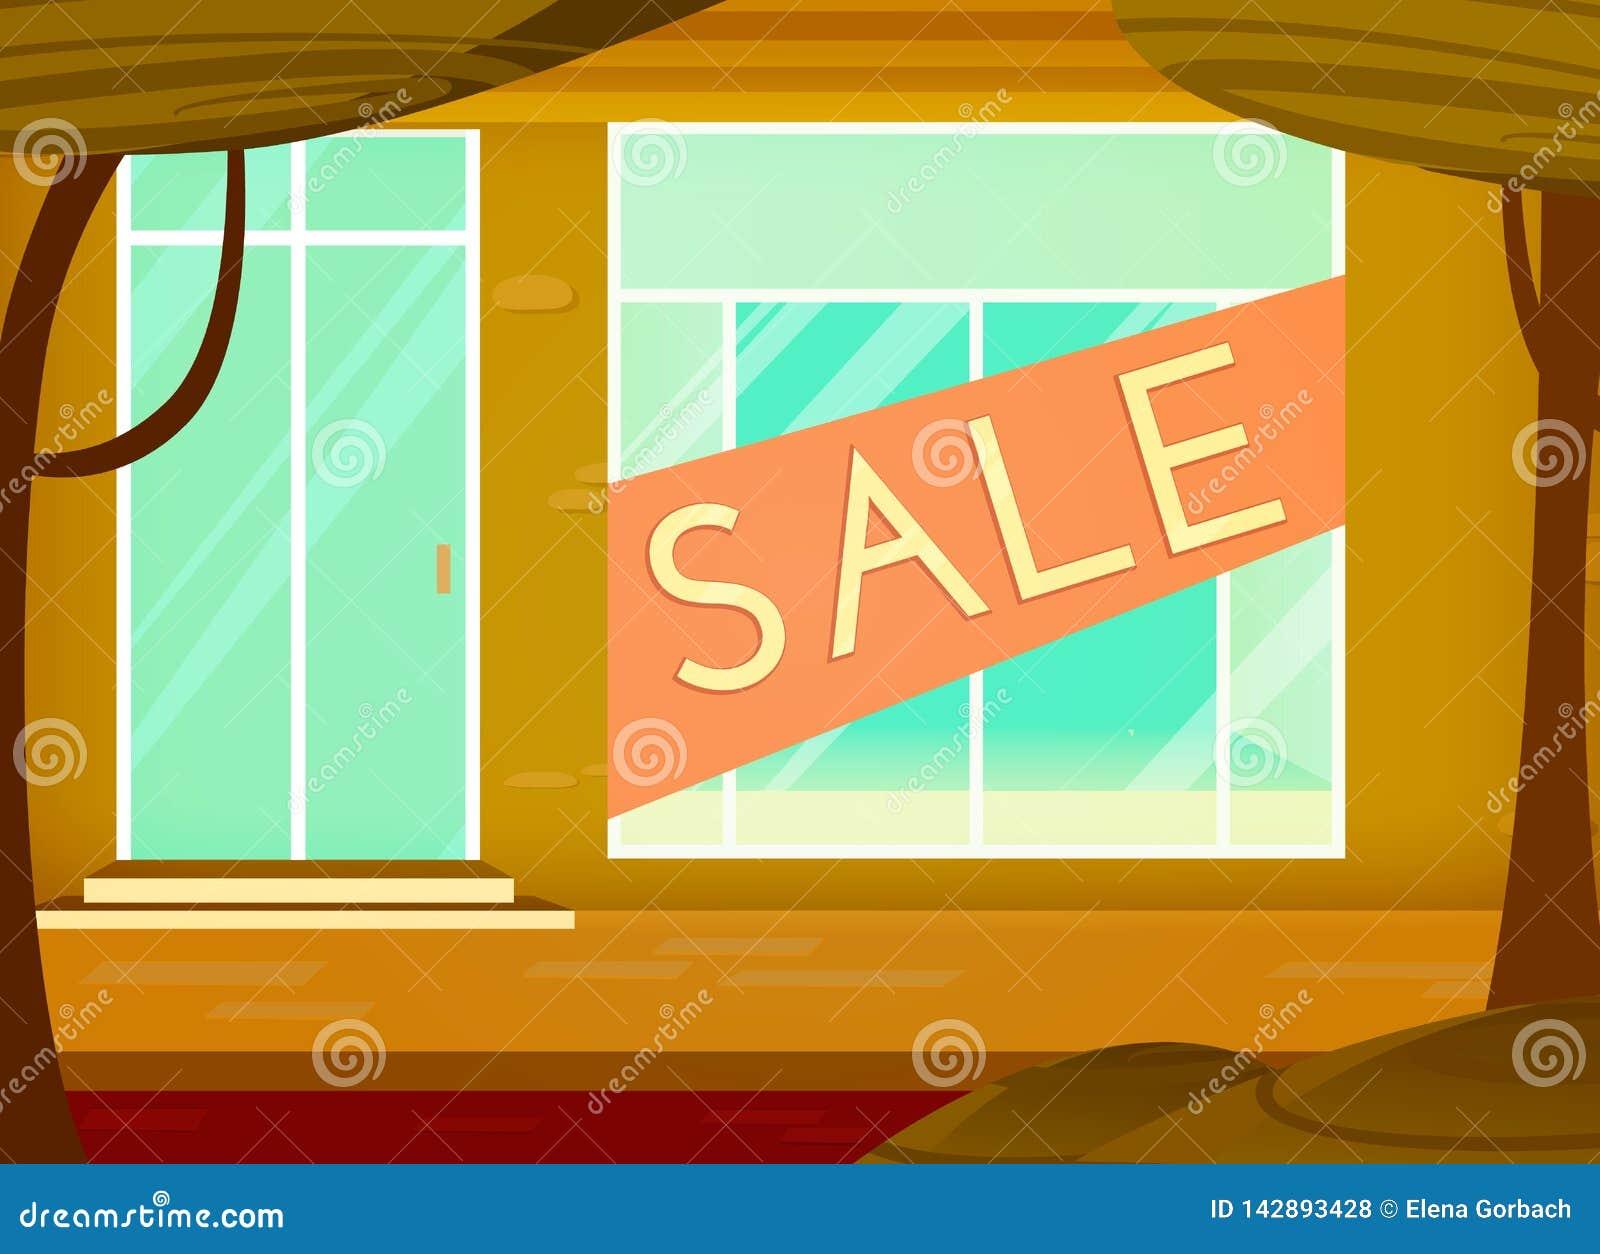 Fundo da venda da compra Estilo dos desenhos animados Janela de loja com sinal da venda Ilustra??o do vetor